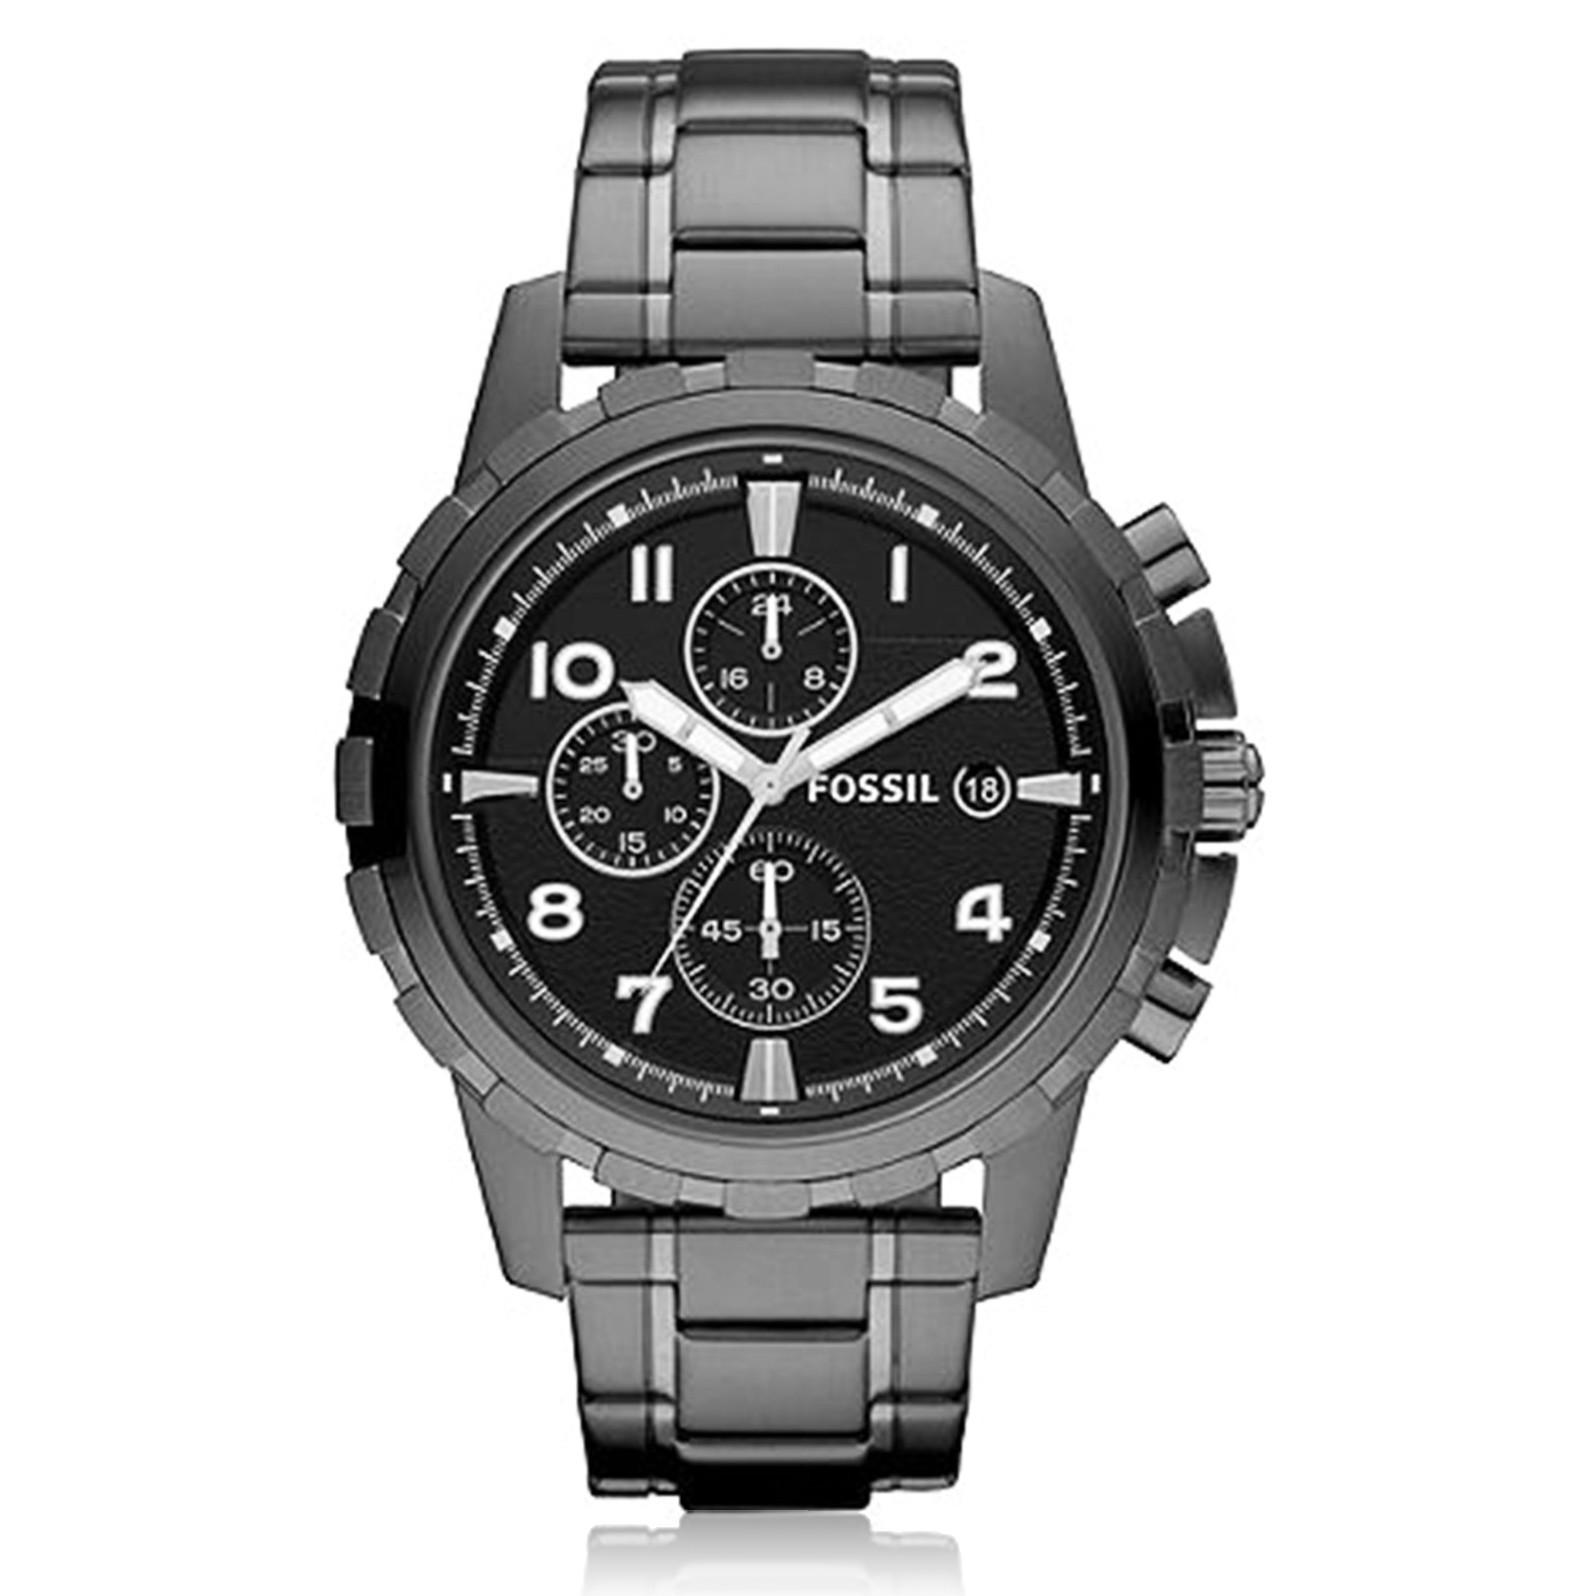 นาฬิกา Fossil รุ่น FS4721 นาฬิกาข้อมือผู้ชาย ของแท้ รับประกันศูนย์ 2 ปี ส่งพร้อมกล่อง และใบรับประกันศูนย์